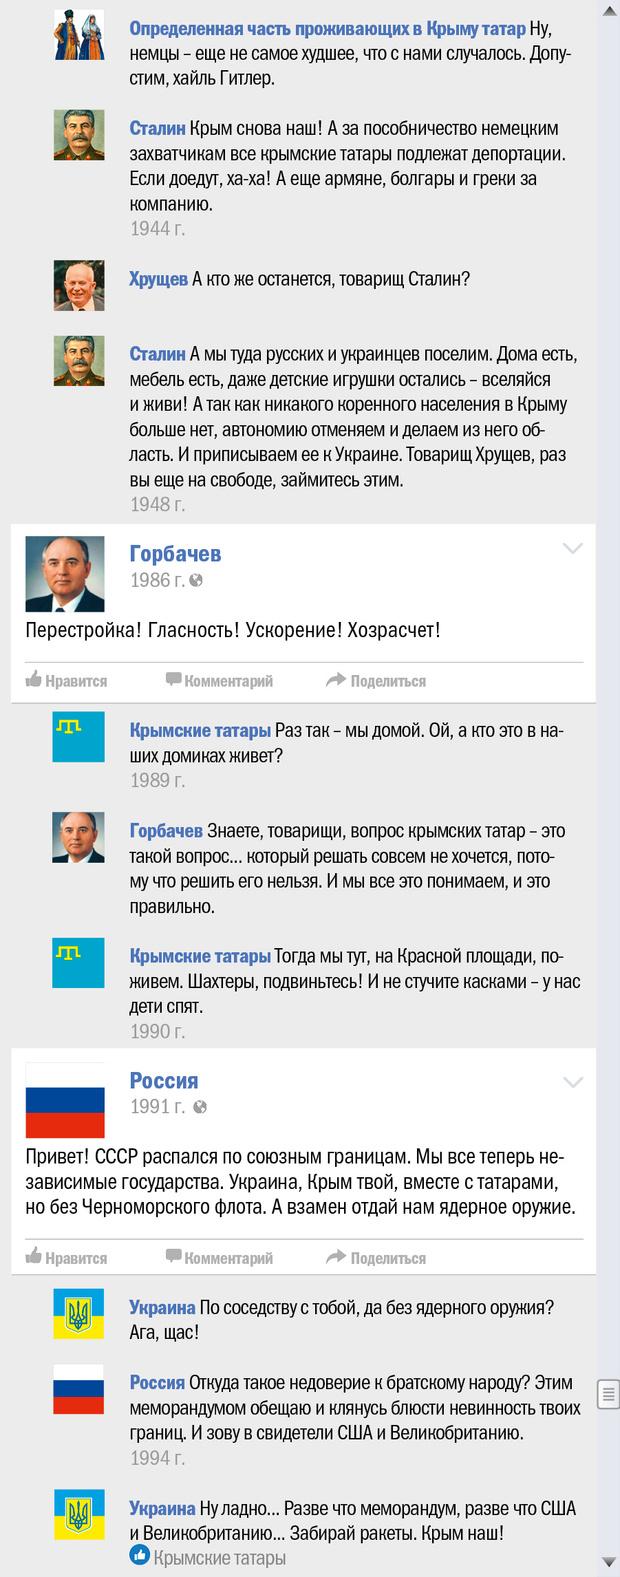 Фото №12 - Крым чей? Правдивая история Крыма в виде ленты «Фейсбука»